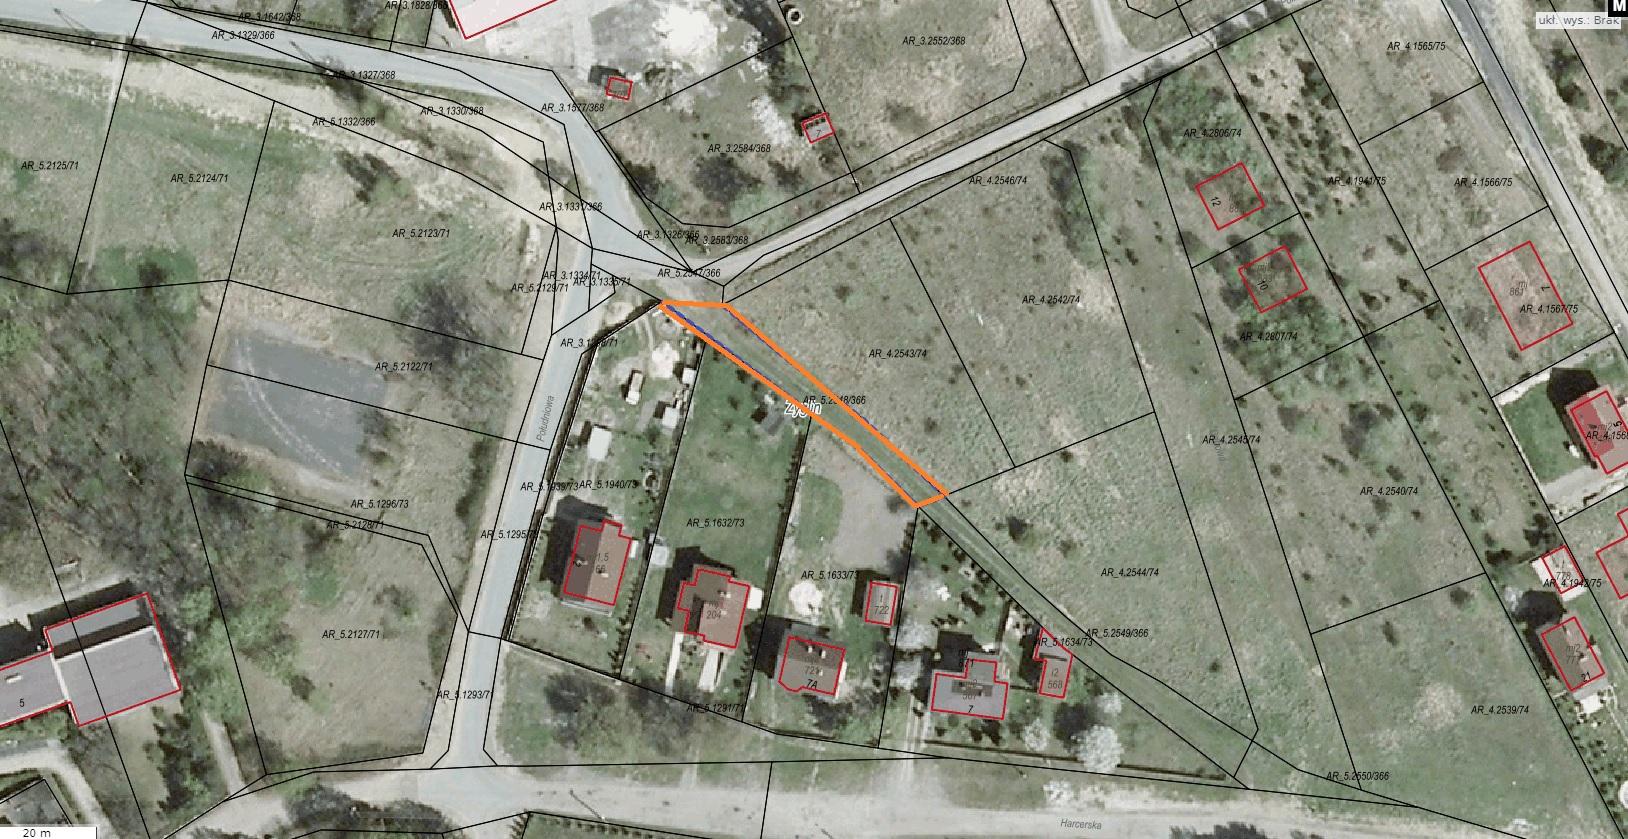 Ogłoszenie Burmistrza Miasta Miasteczko Śląskie o pierwszym przetargu ustnym ograniczonym na sprzedaż nieruchomości niezabudowanej